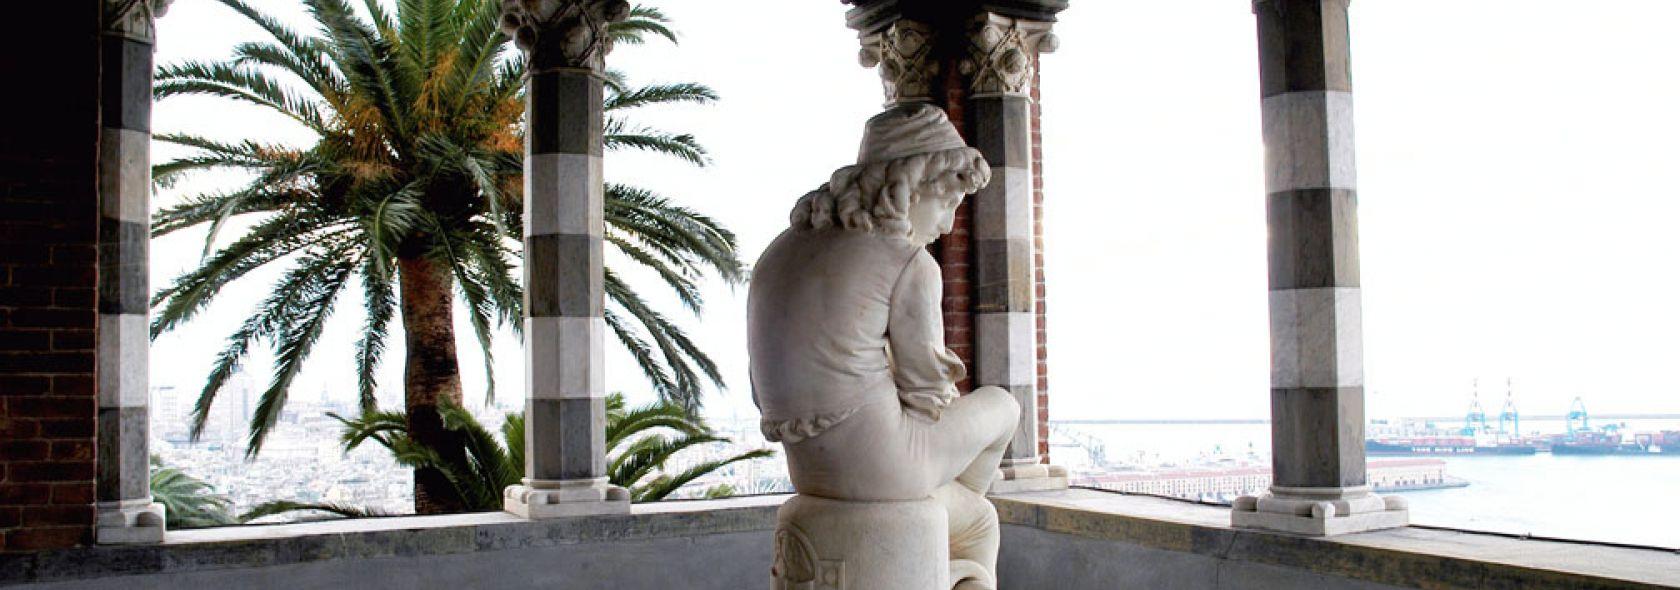 Museo delle Culture del Mondo - Loggia con la statua di Colombo giovinetto